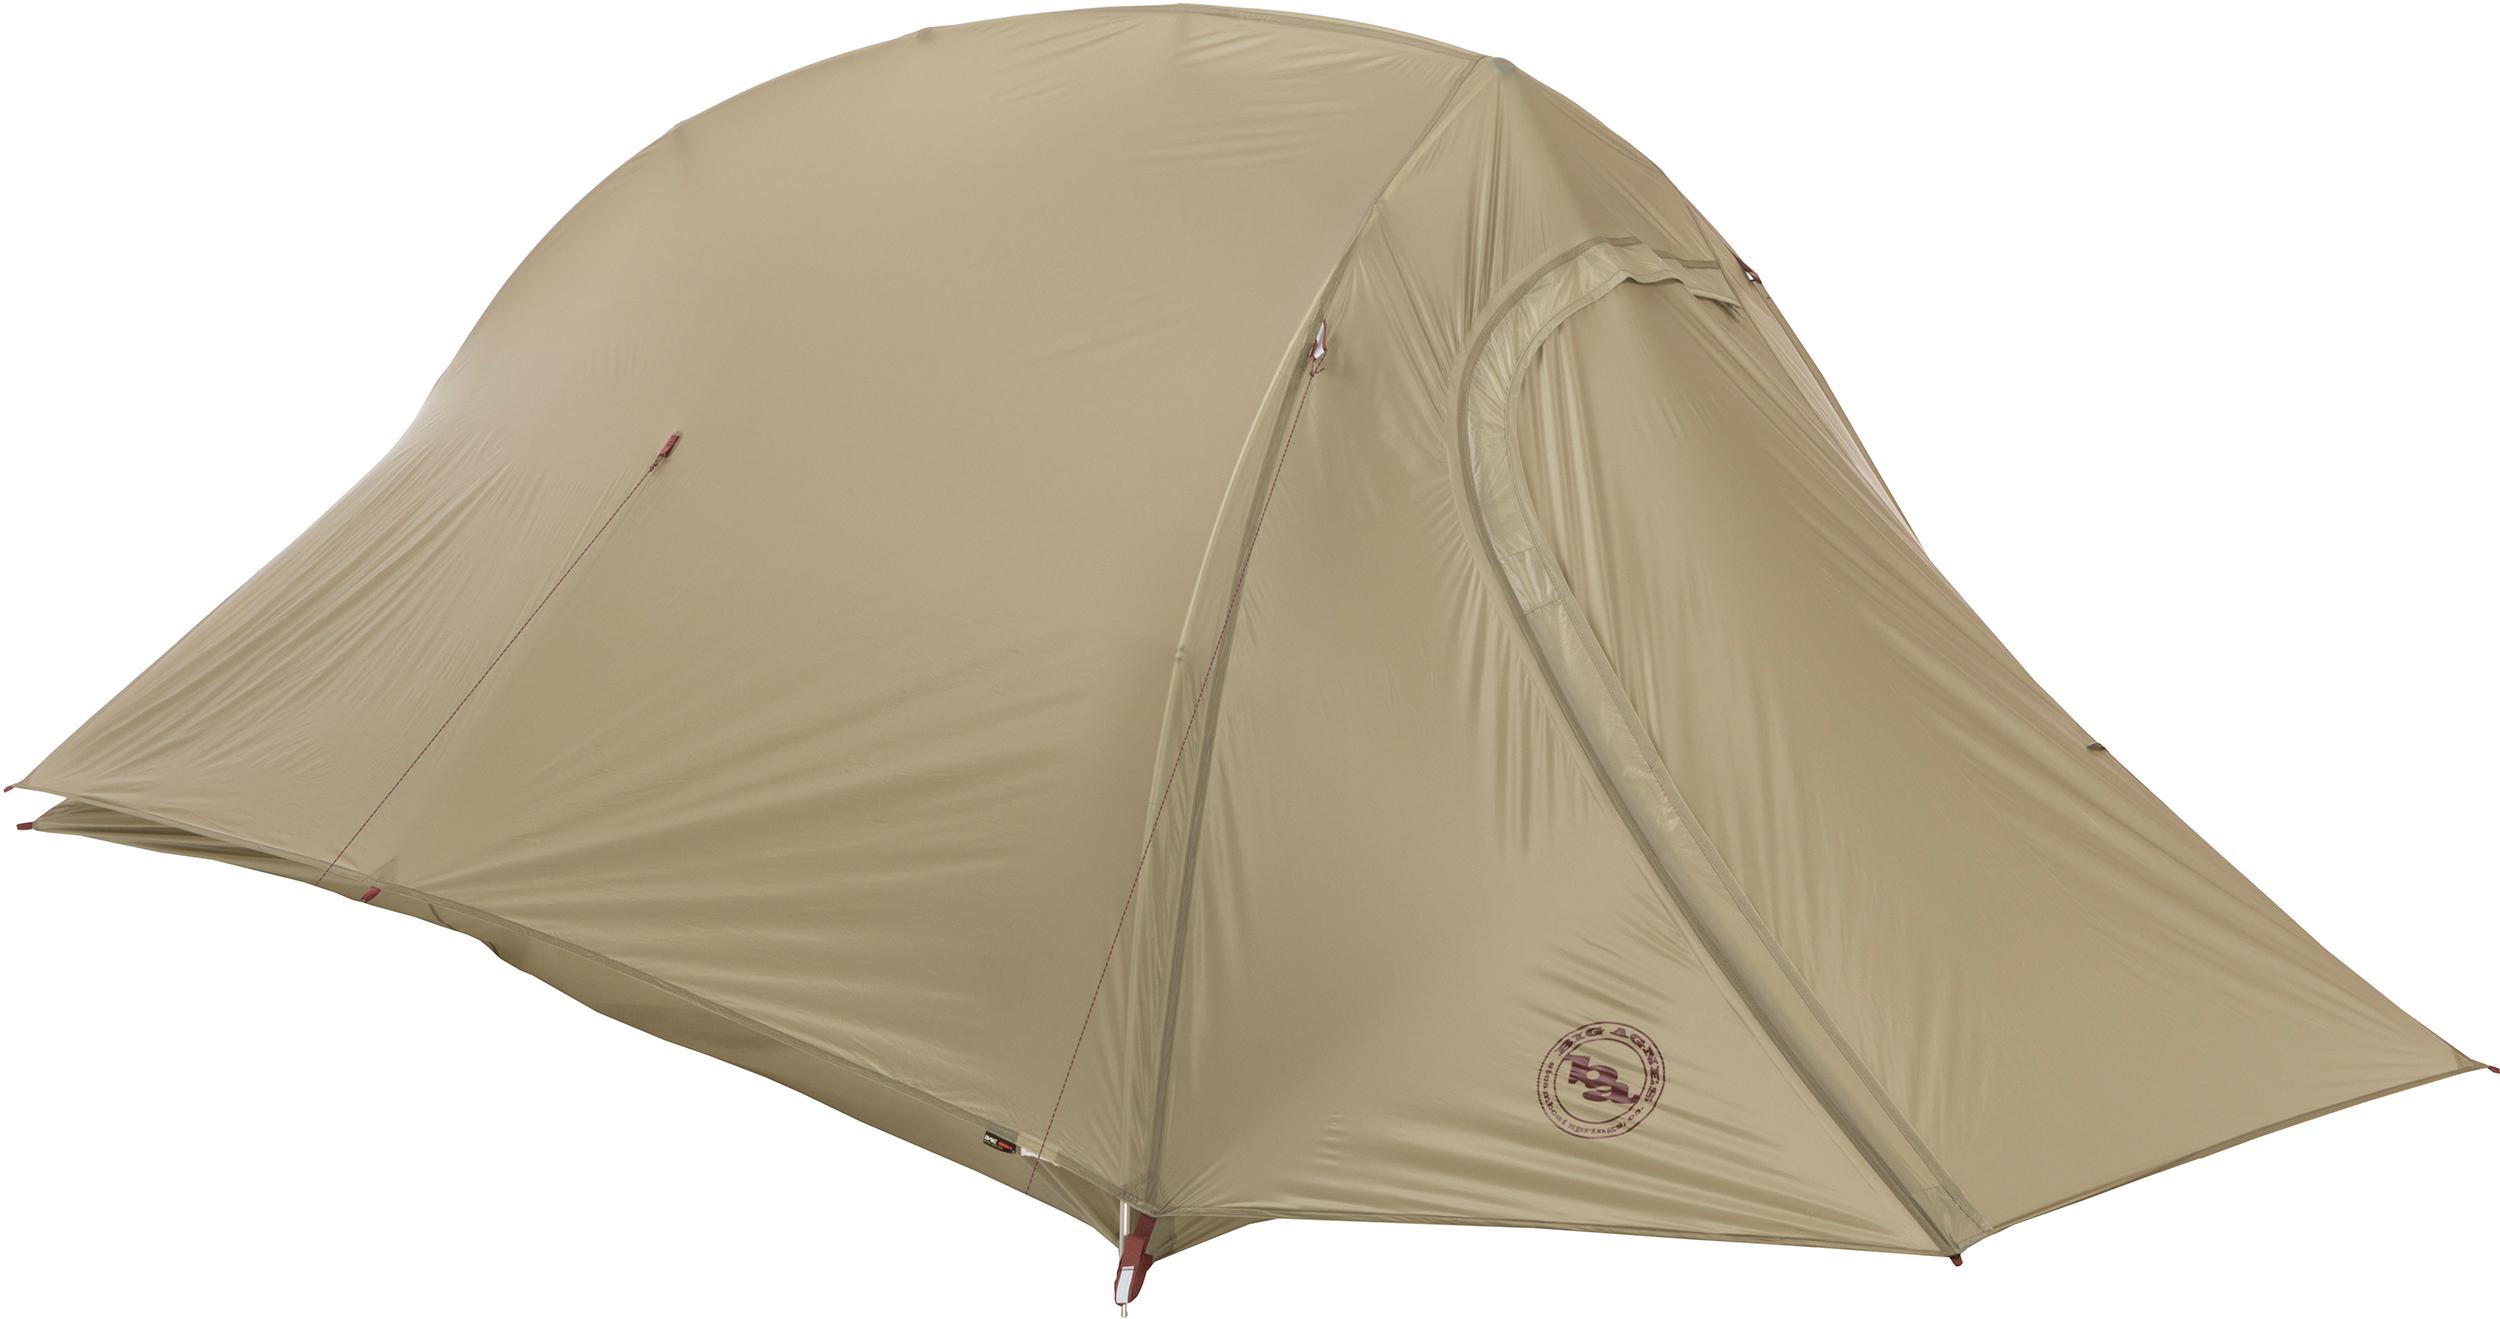 c96174d55b7 Tente Fly Creek UL 2 personnes de Big Agnes